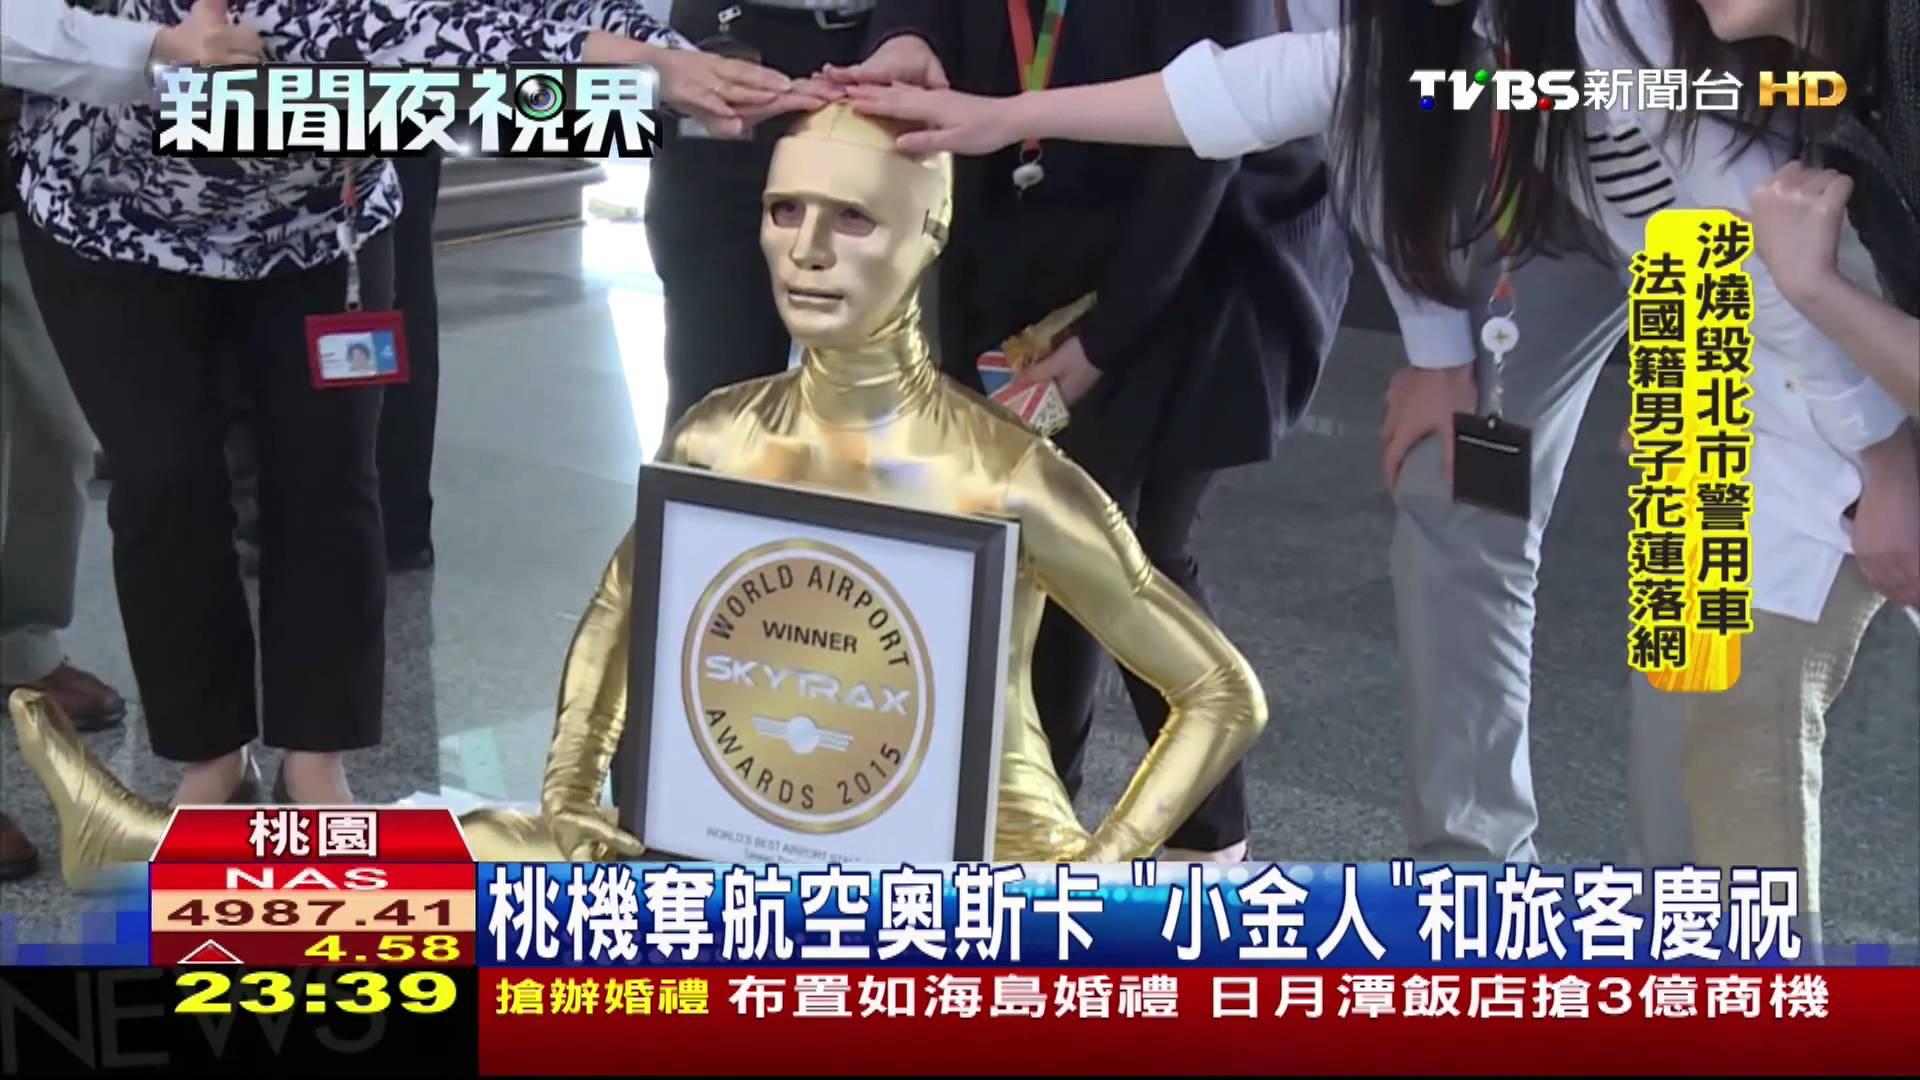 雕像 |奧斯卡小金人重量級現身!